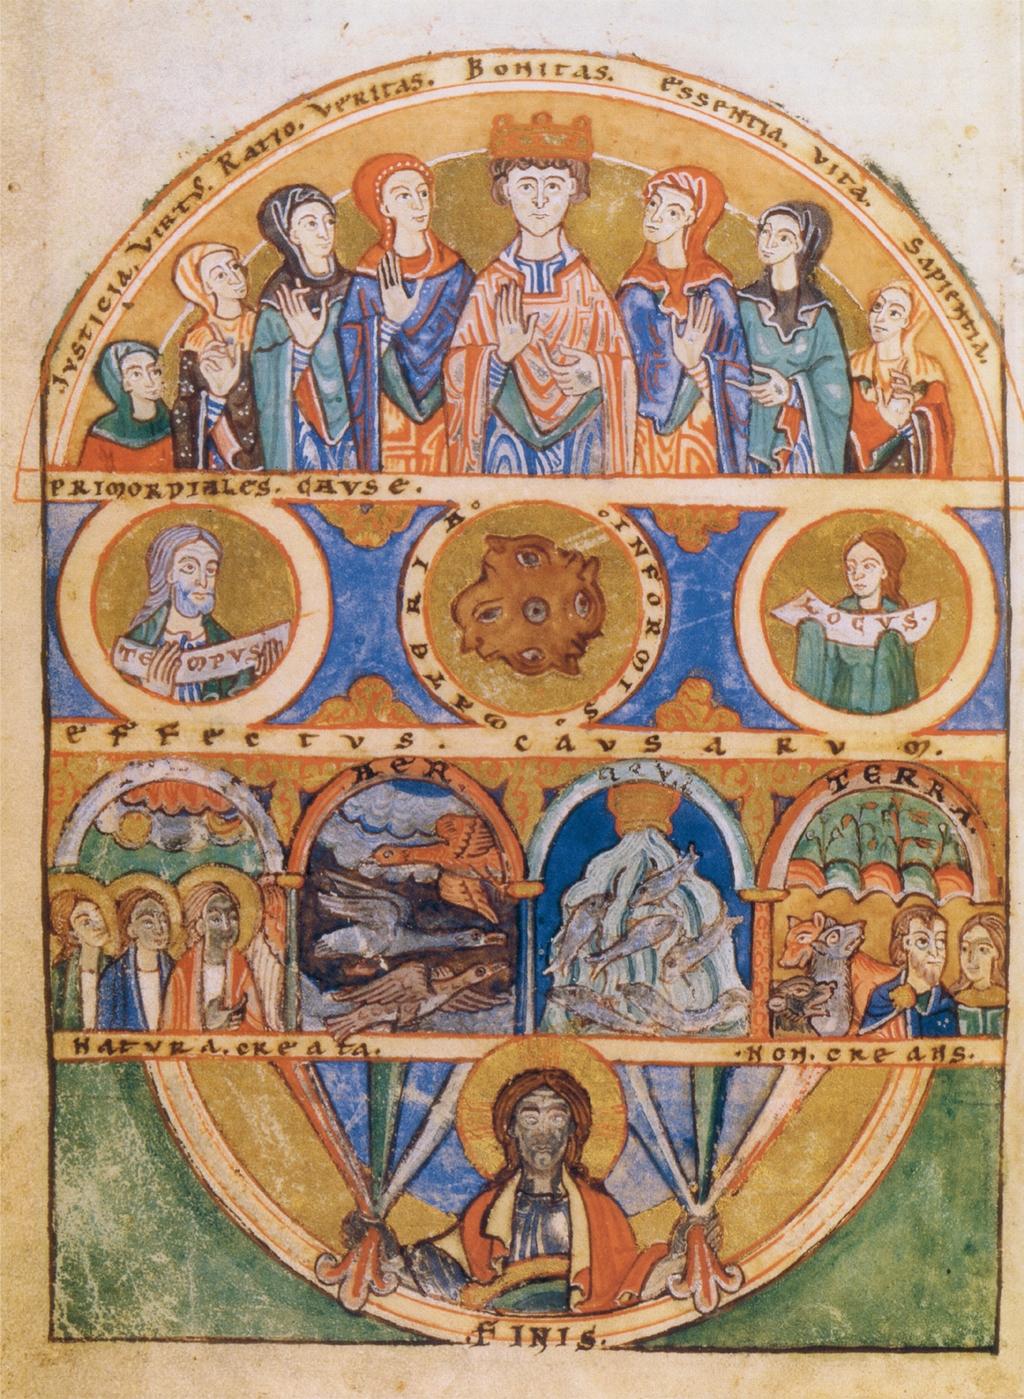 De vorming van de wereld, uit de 'Clavis physicae' van de twaalfde-eeuwse theoloog Honorius Augustodunensis.